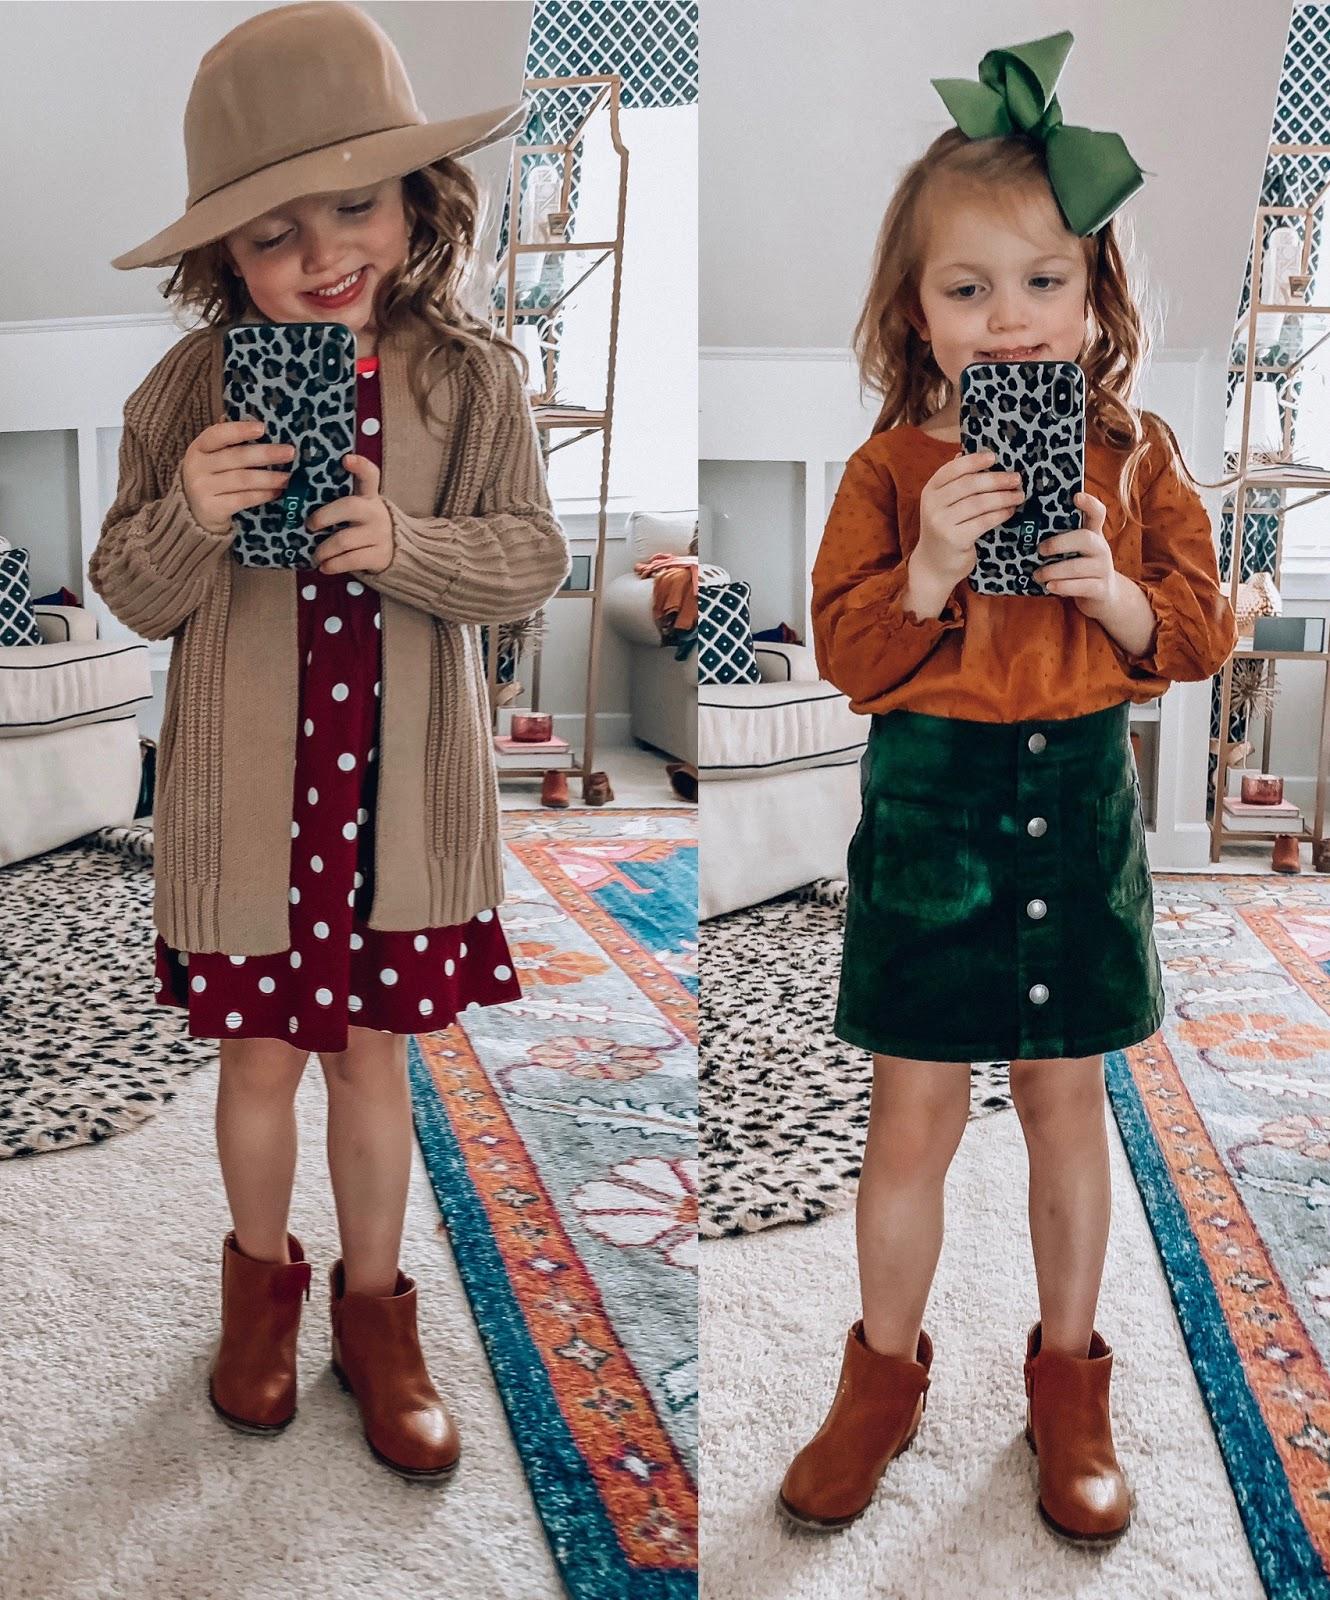 Old Navy Toddler Girls 2019 Fall Style - Madeline's Picks - Somethig Delightful Blog #affordablefashion